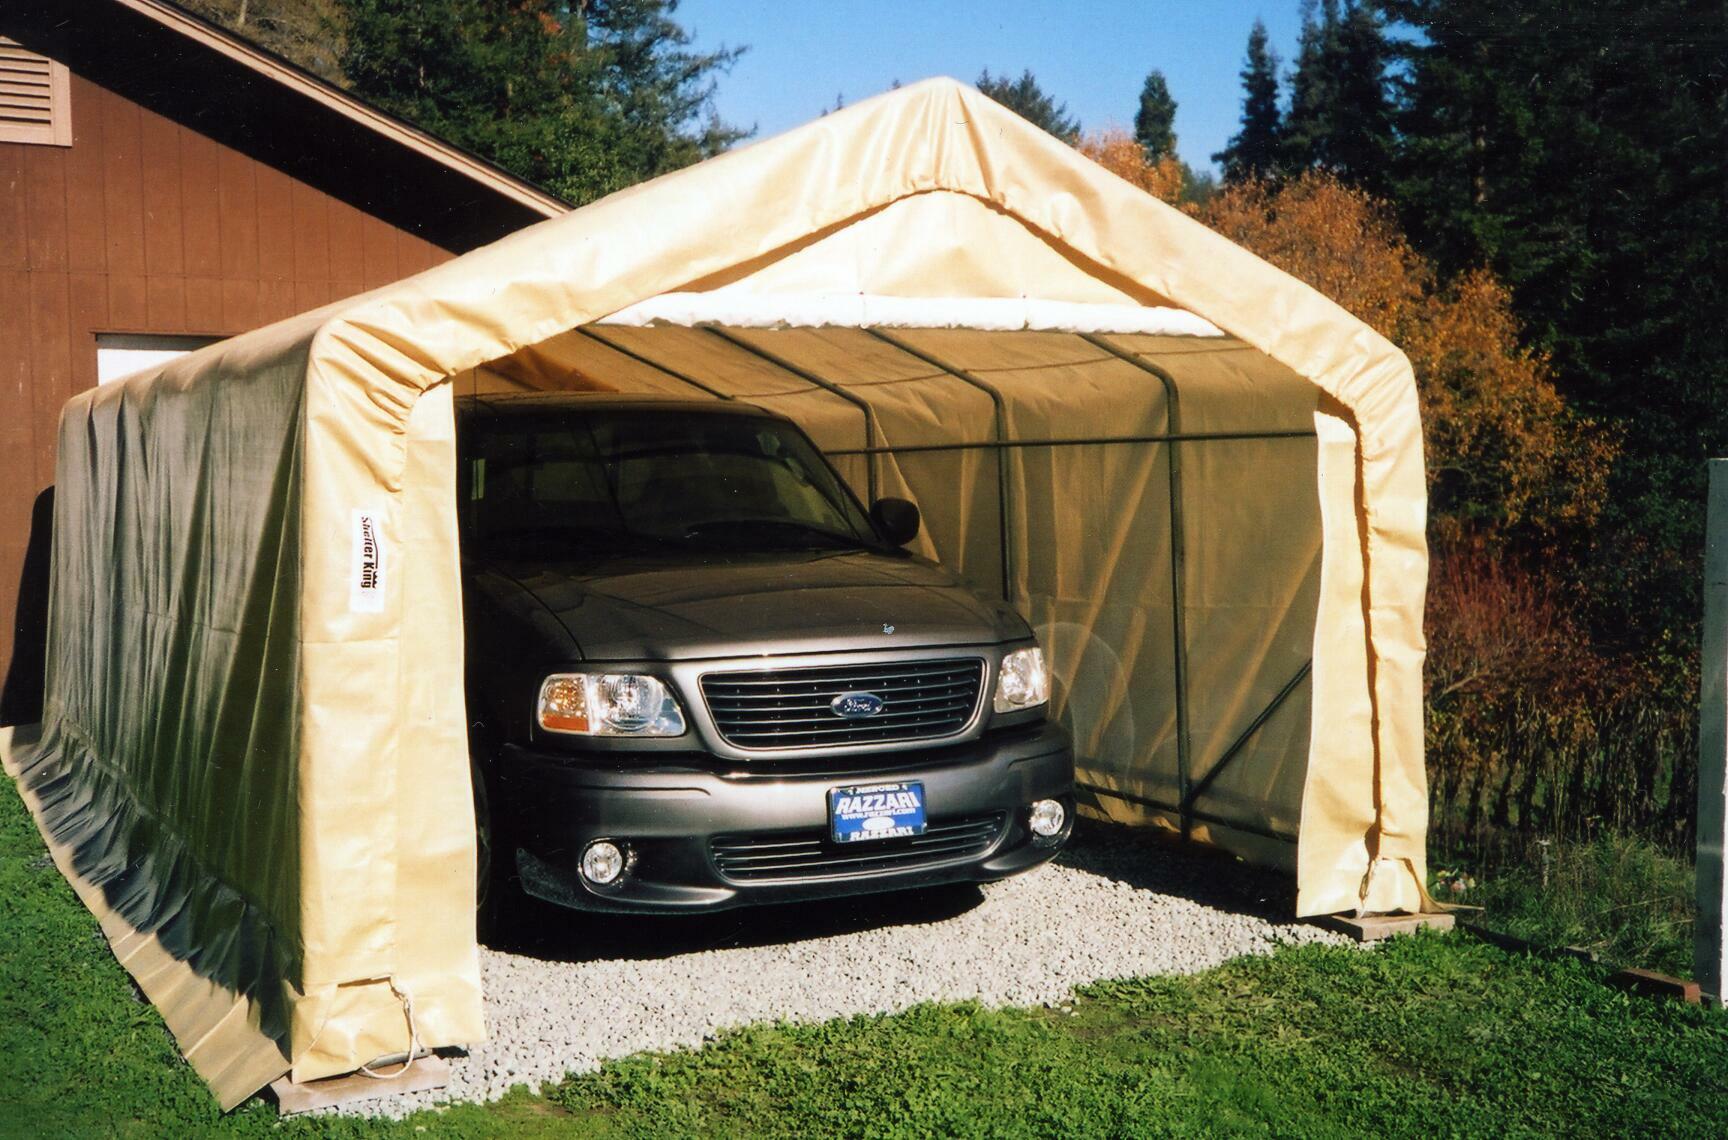 12x20x8 house tan truck.jpg